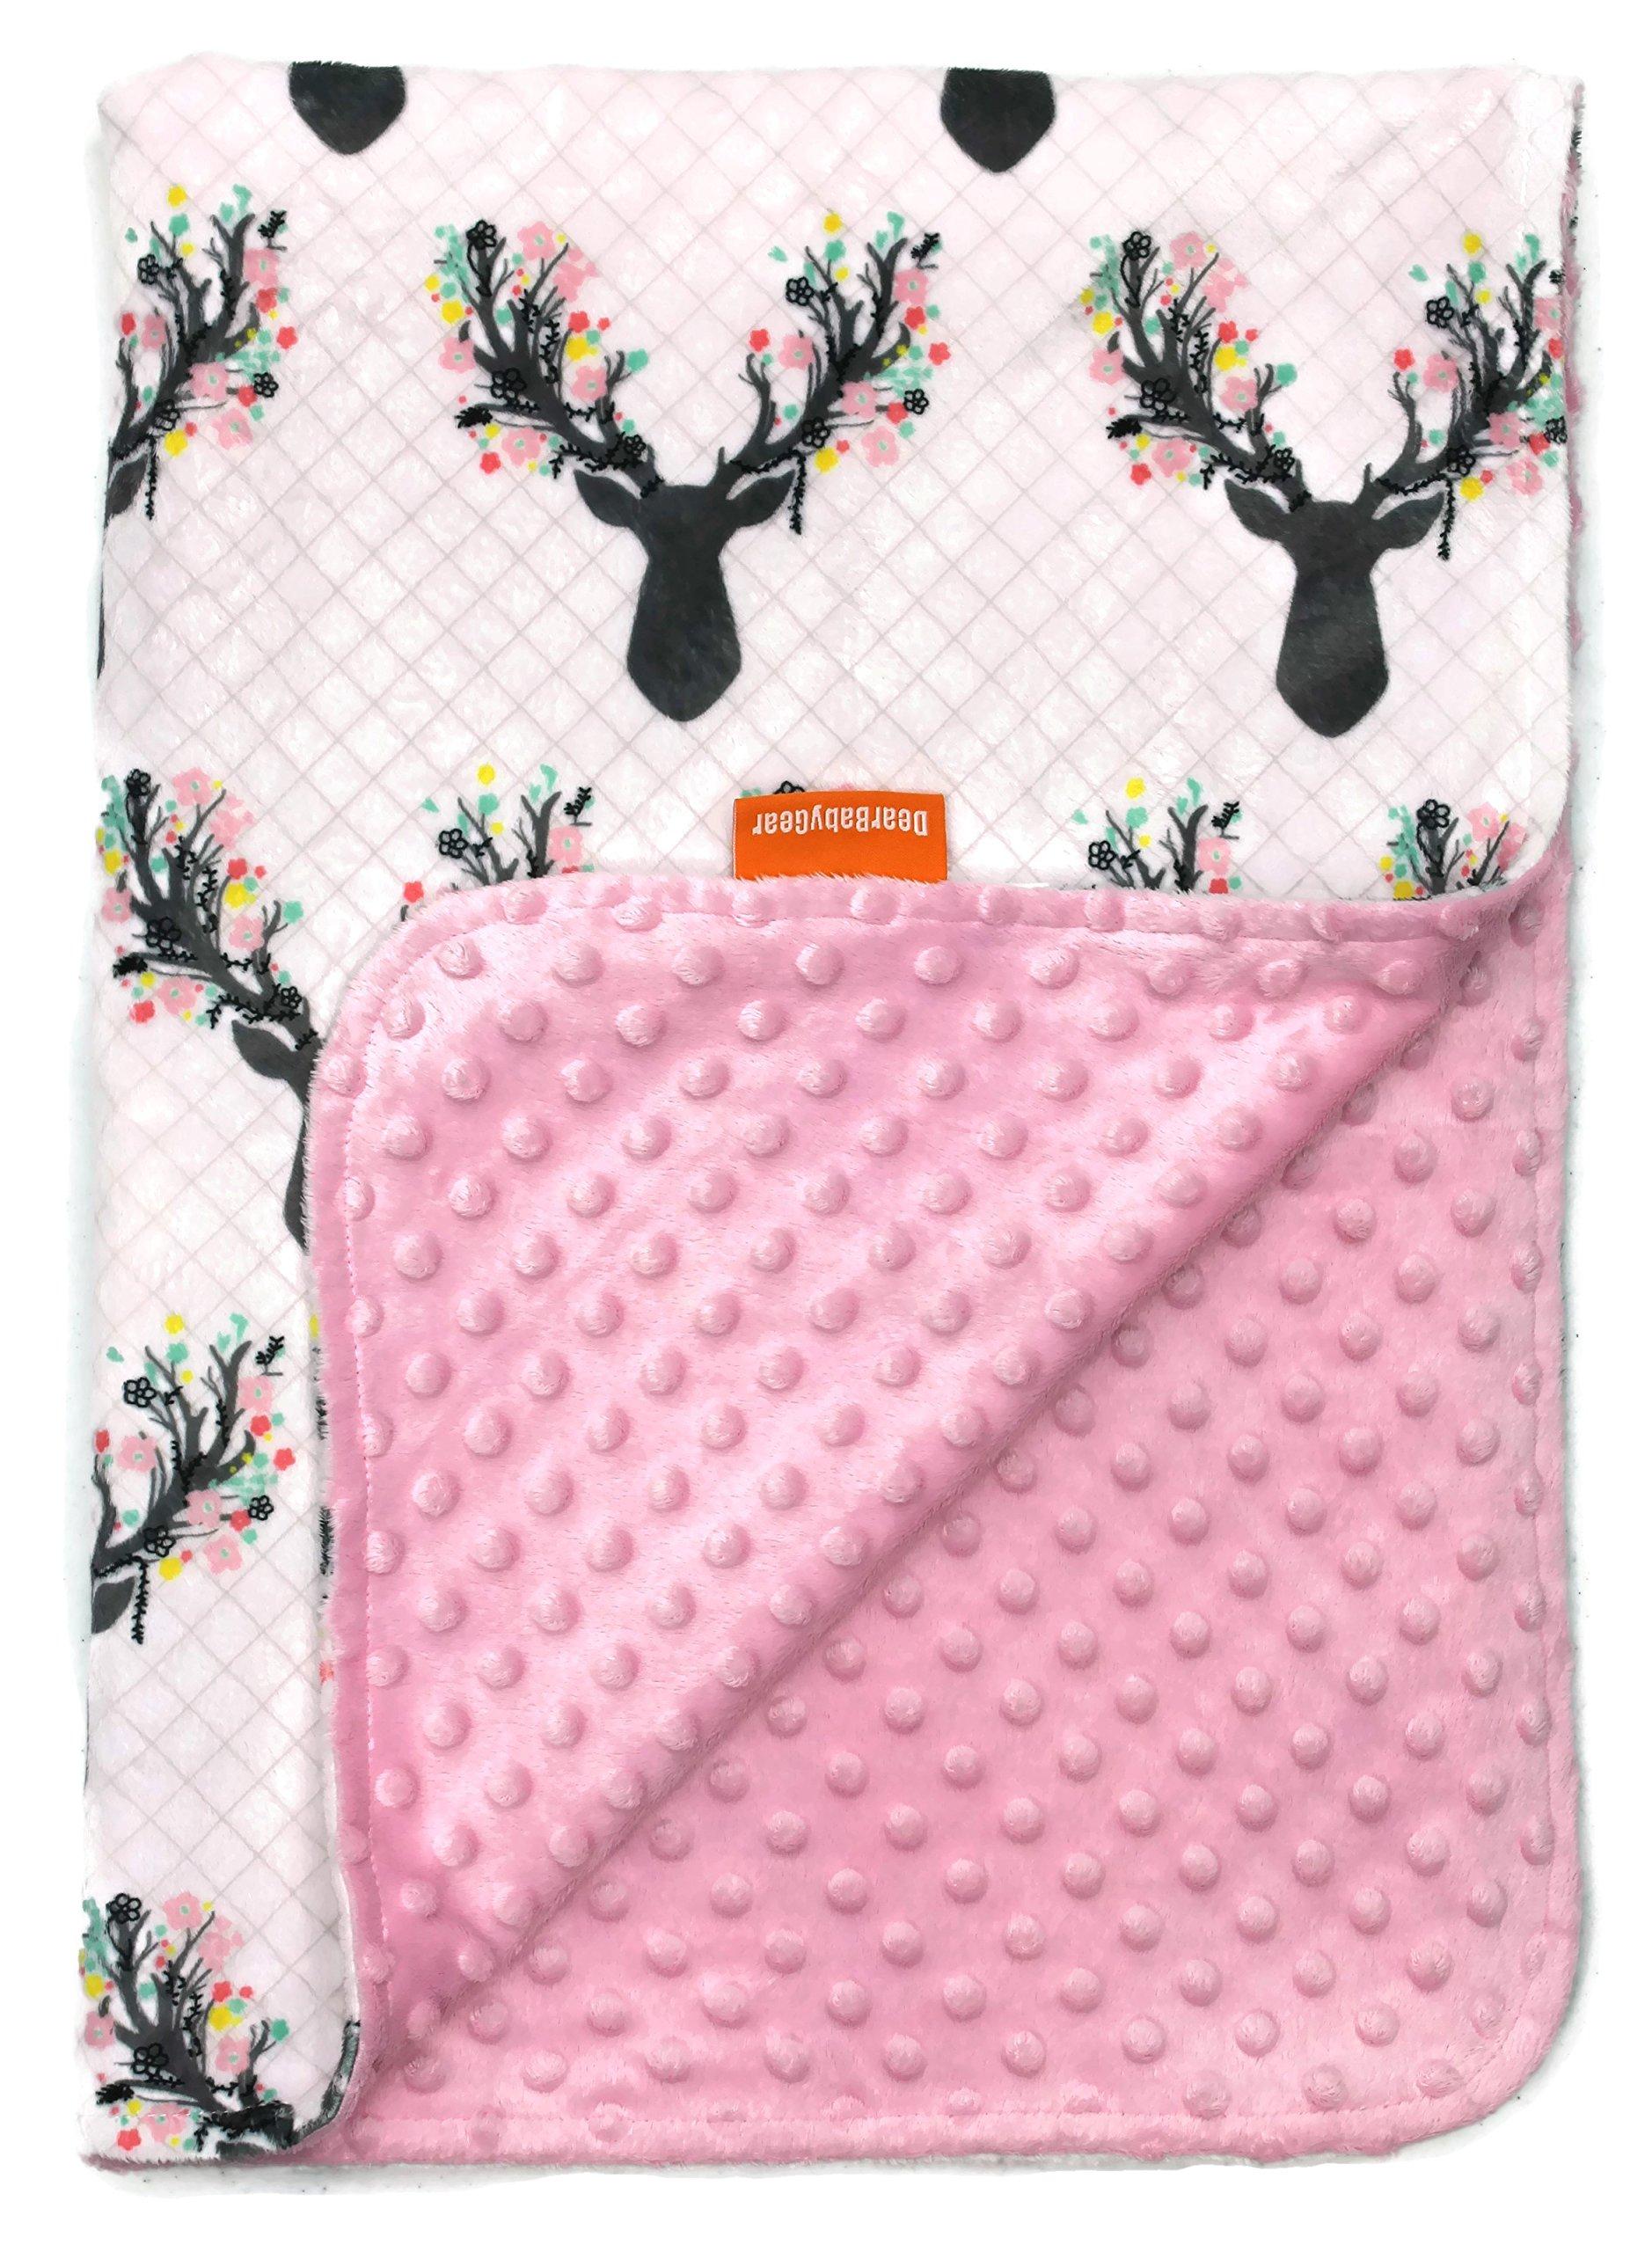 Dear Baby Gear Deluxe Baby Blankets, Custom Minky Print Antler Flowers Antler Flowers, Pink Minky Dot by Dear Baby Gear